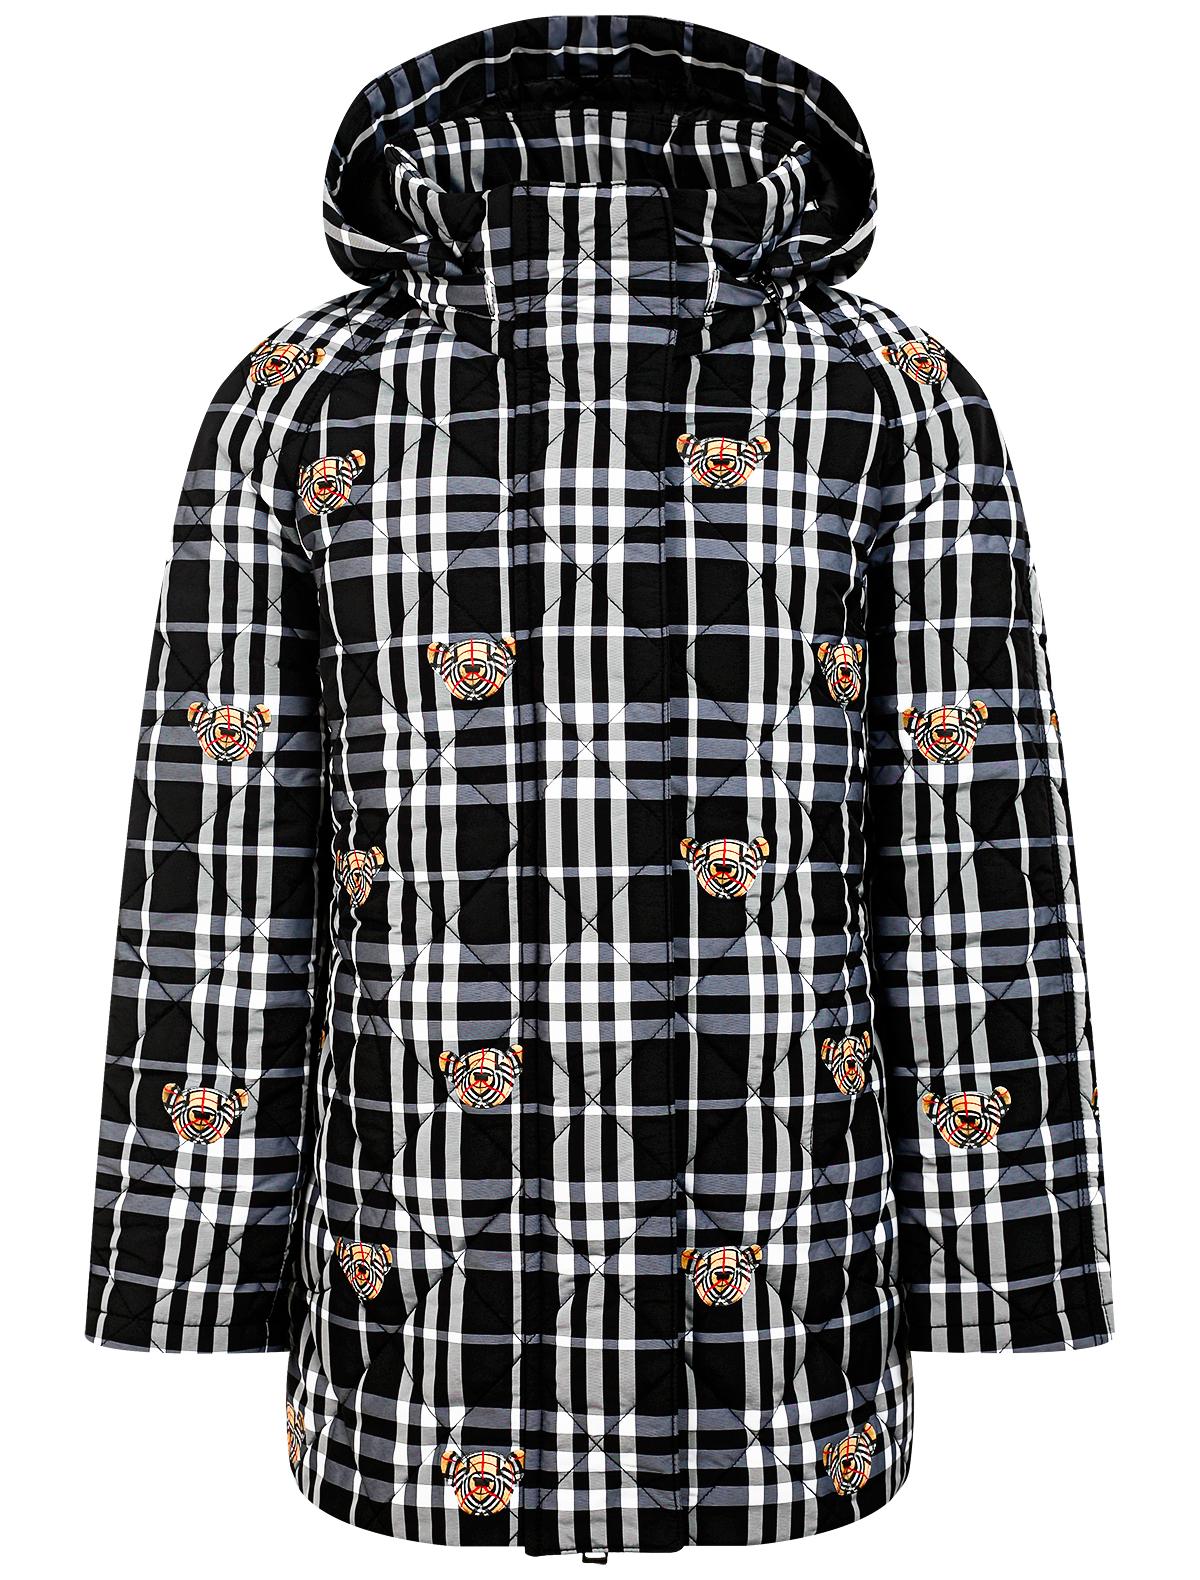 Купить 2340815, Куртка Burberry, черный, Женский, 1074509180791